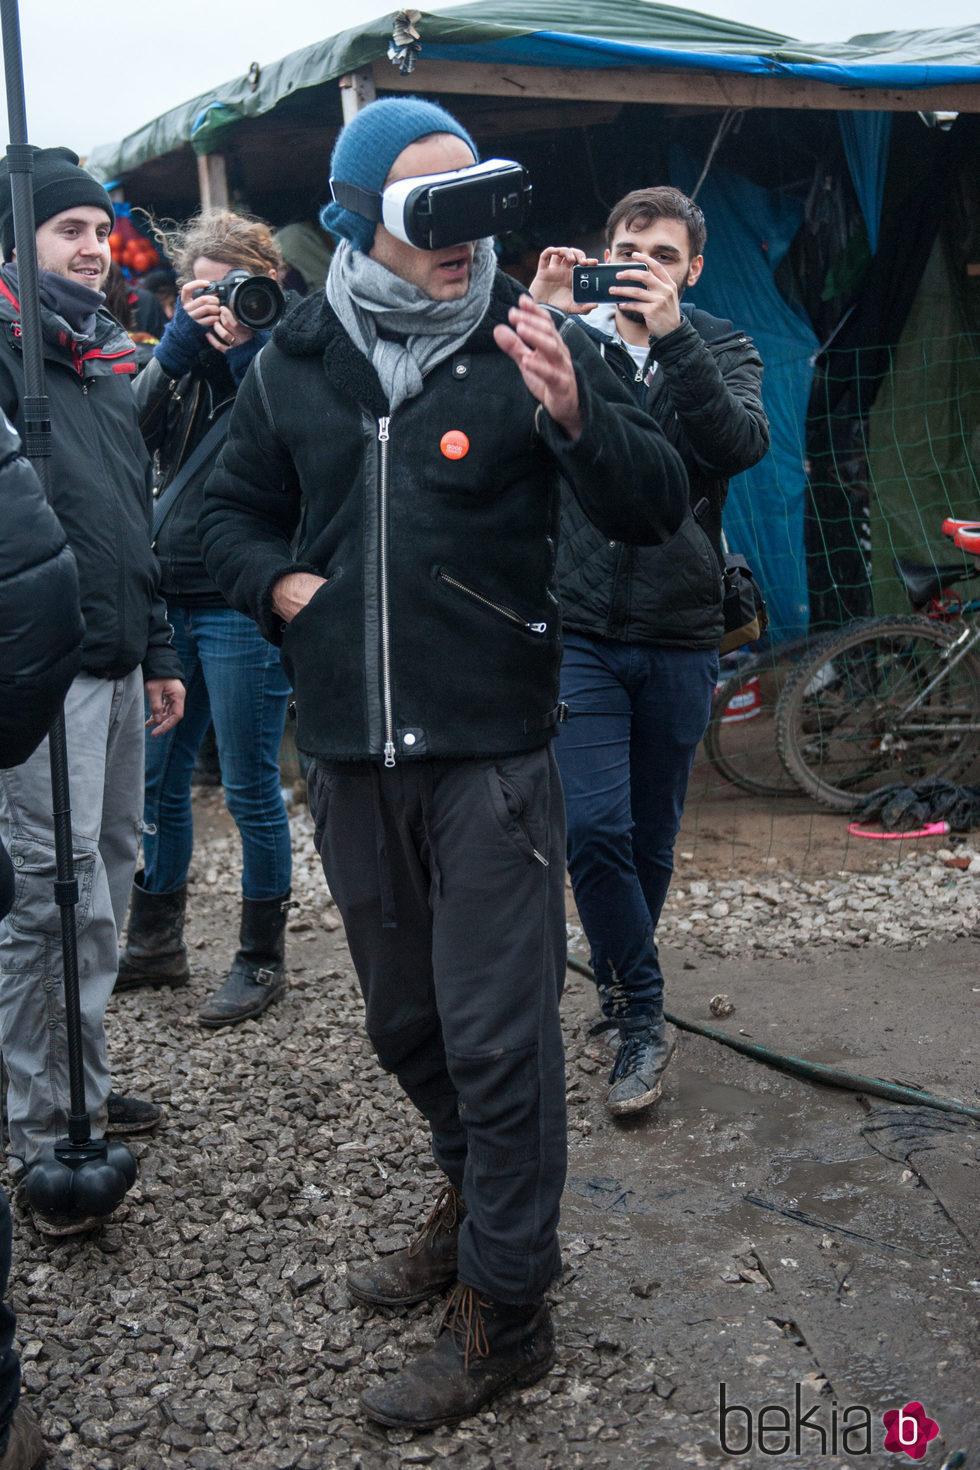 Jude Law con unas gafas de realidad virtual durante su visita al campo de refugiados de Calais